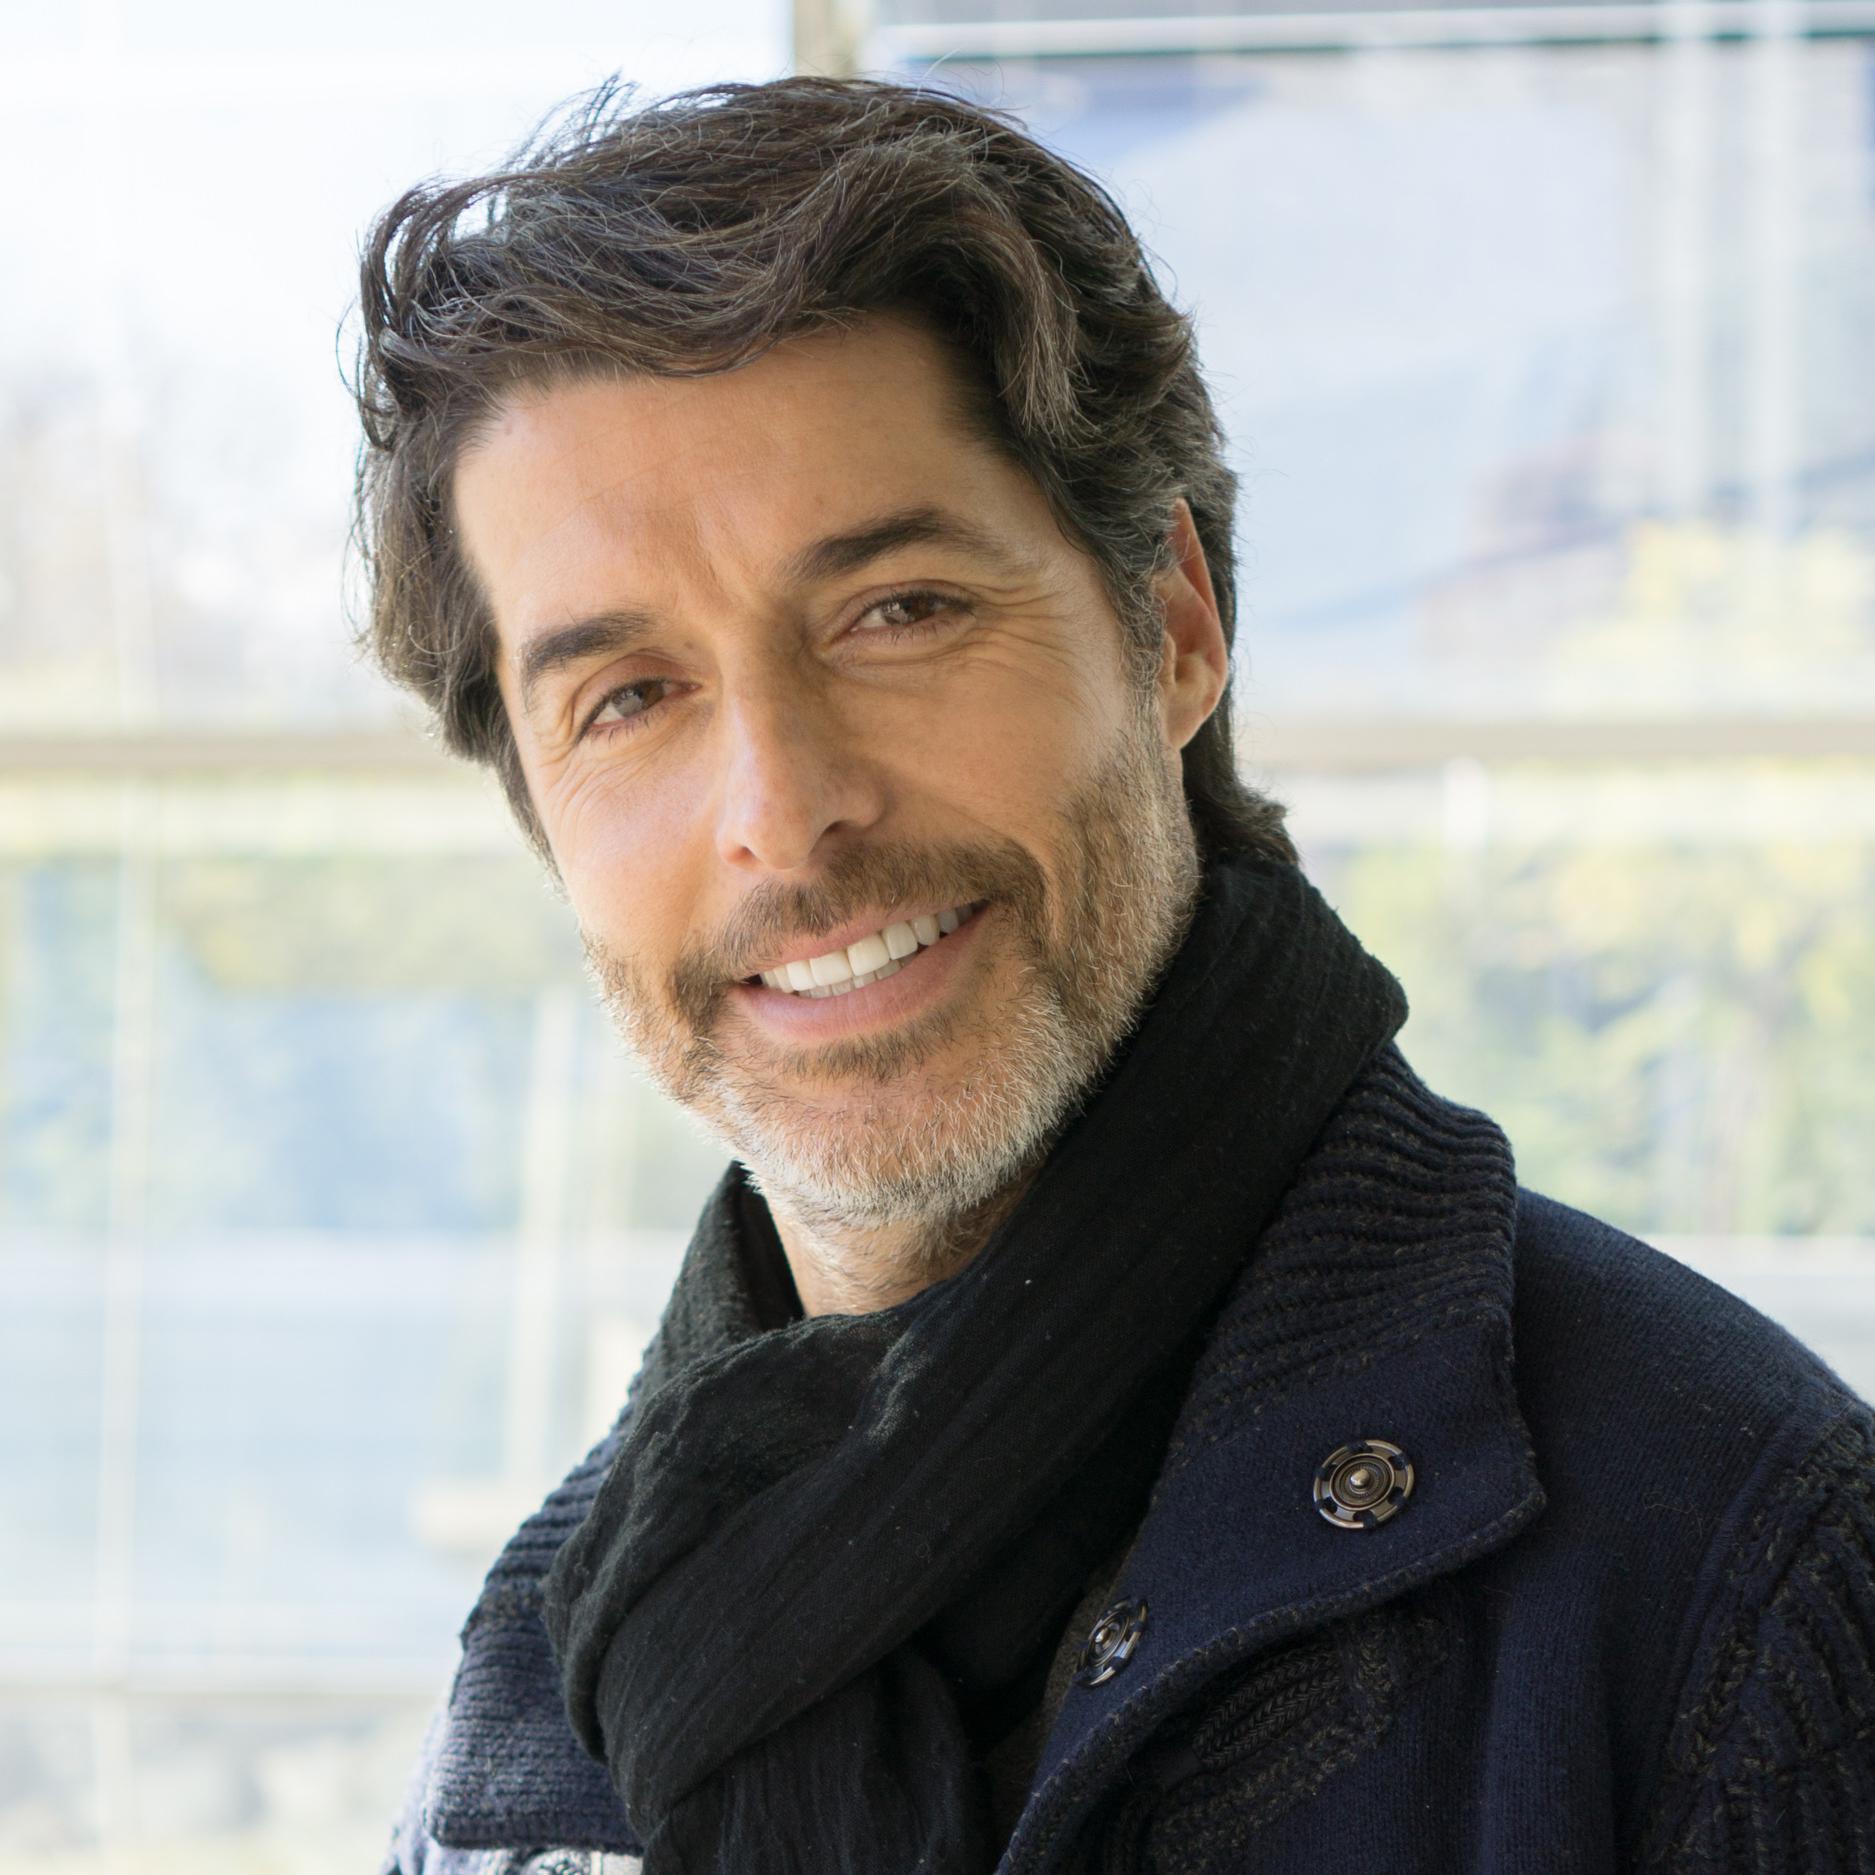 Francisco Pérez-Bannen